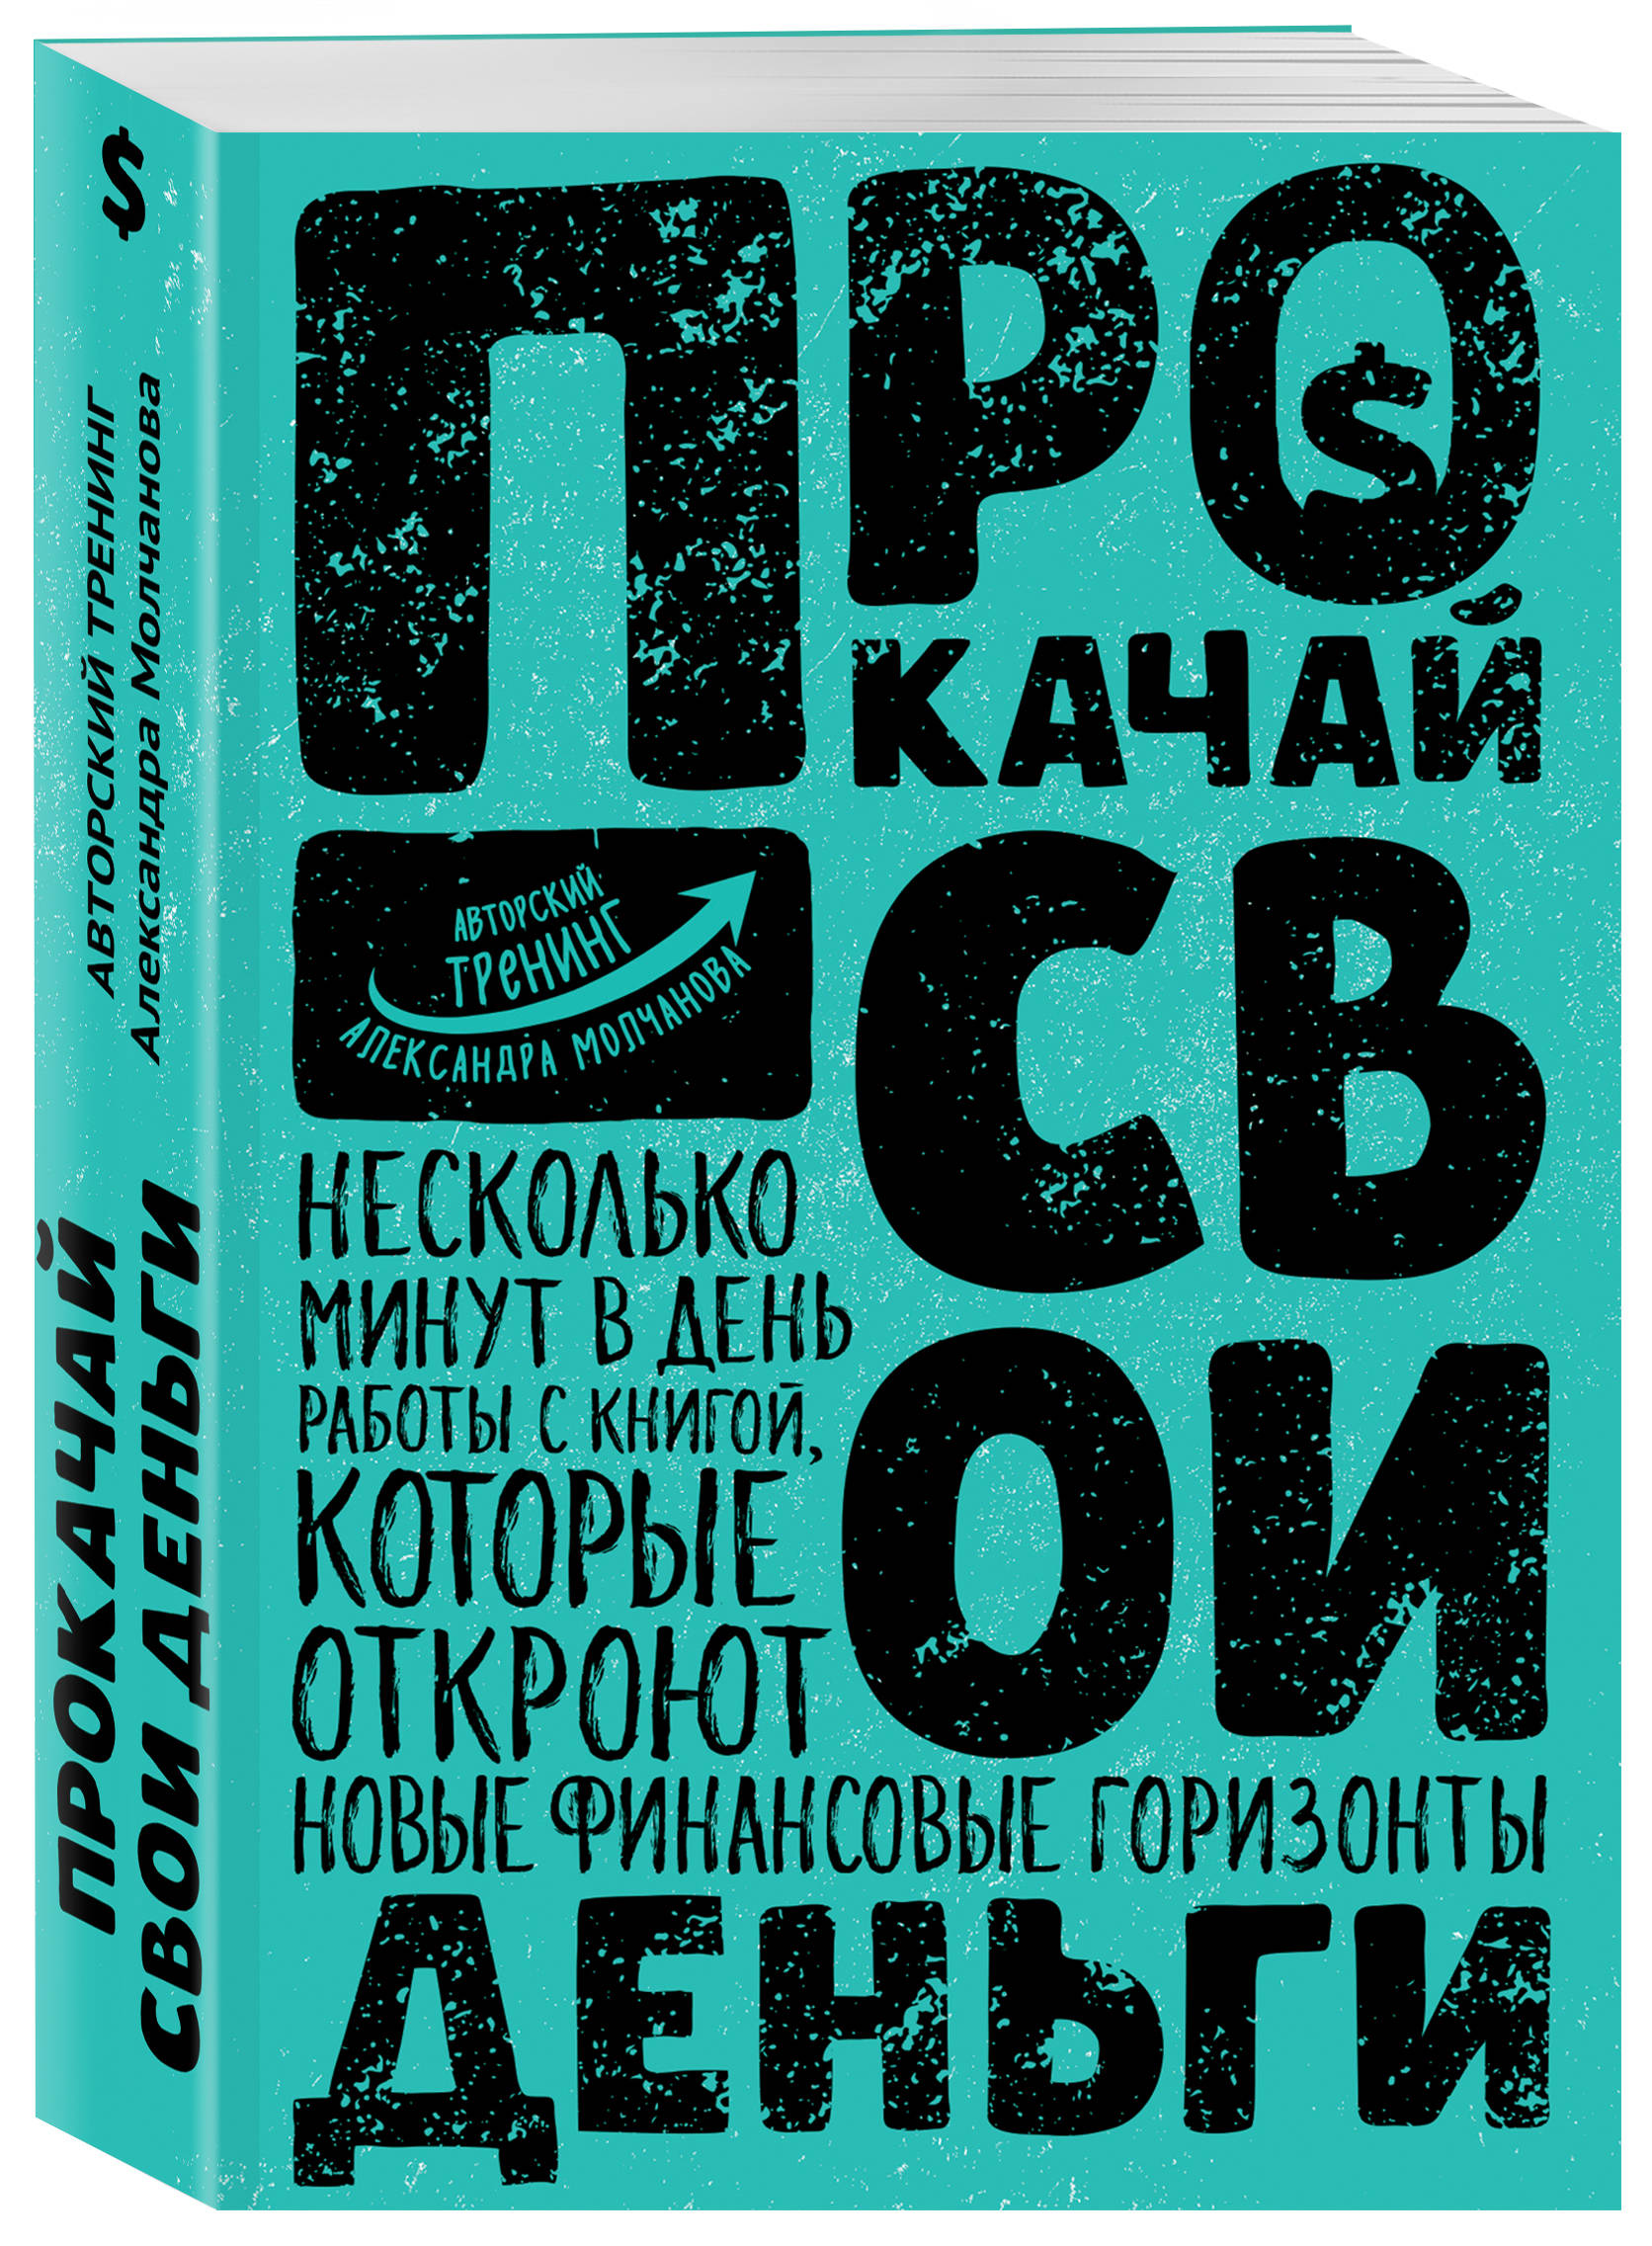 Александр Молчанов Прокачай свои деньги татиана северинова кому то